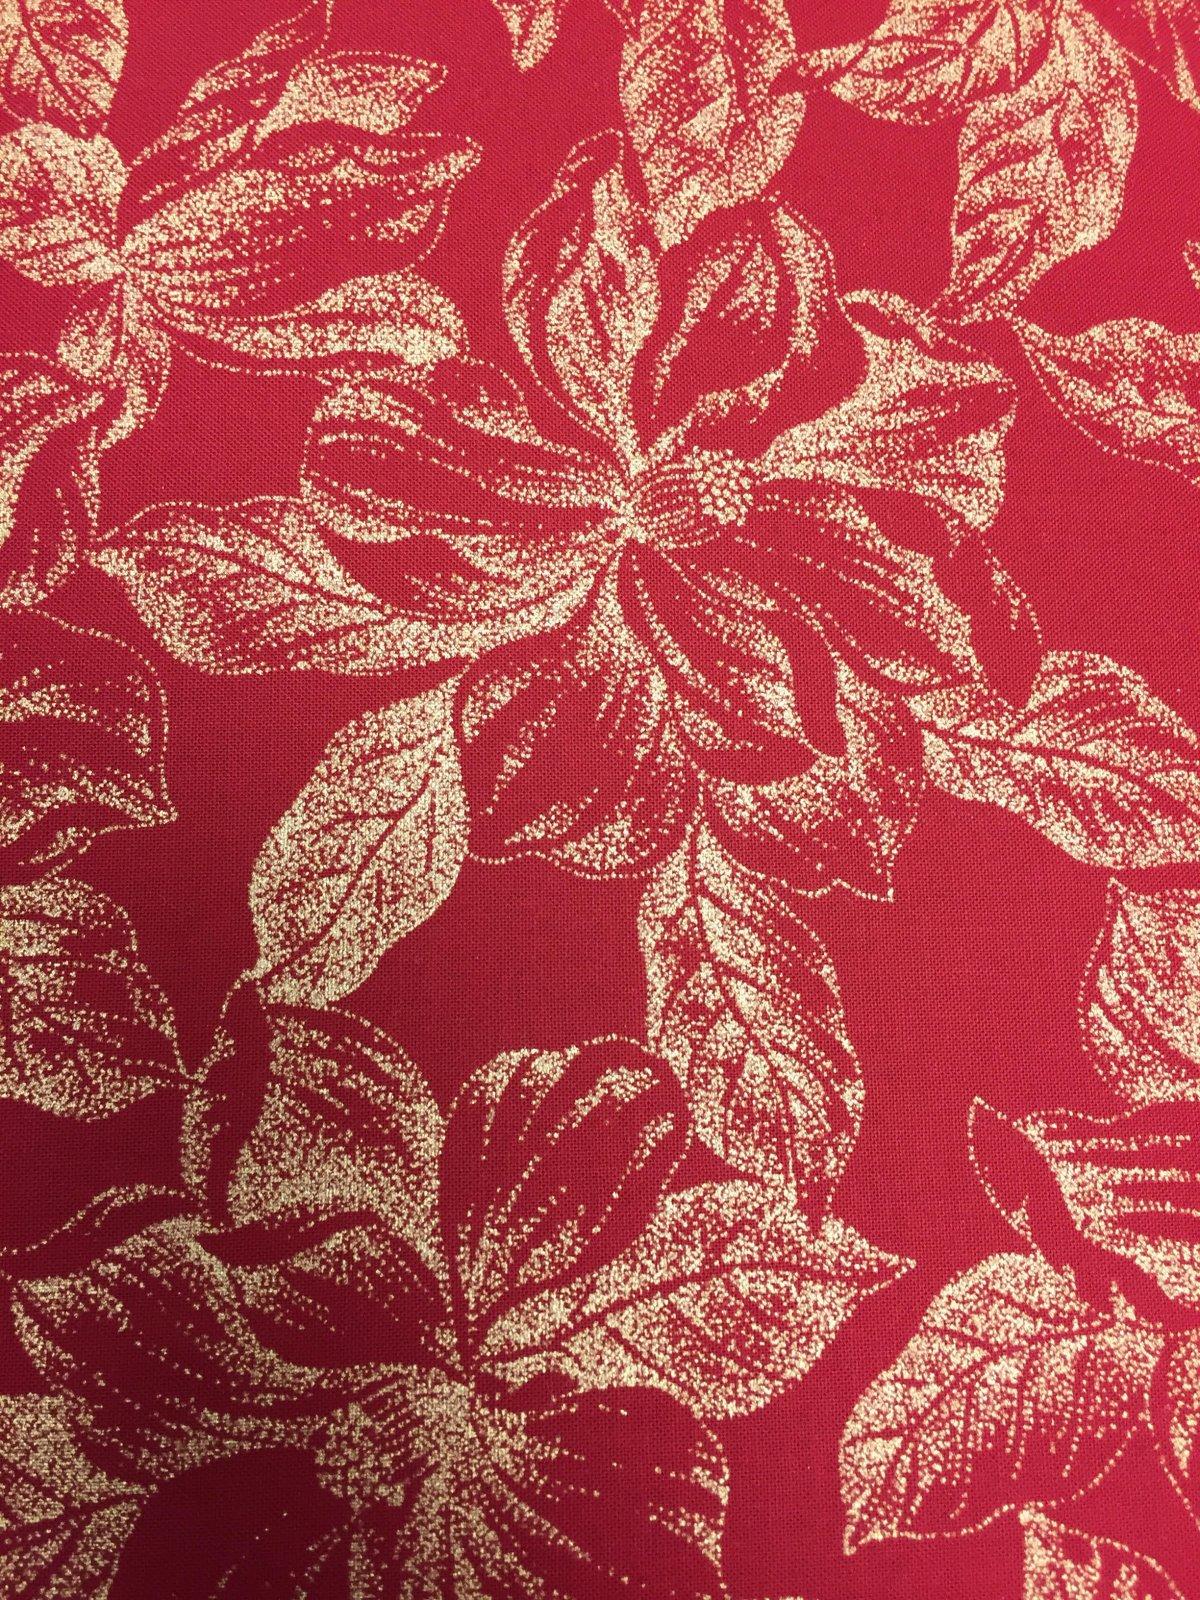 Moda Magnolia Metallics 33244 12M